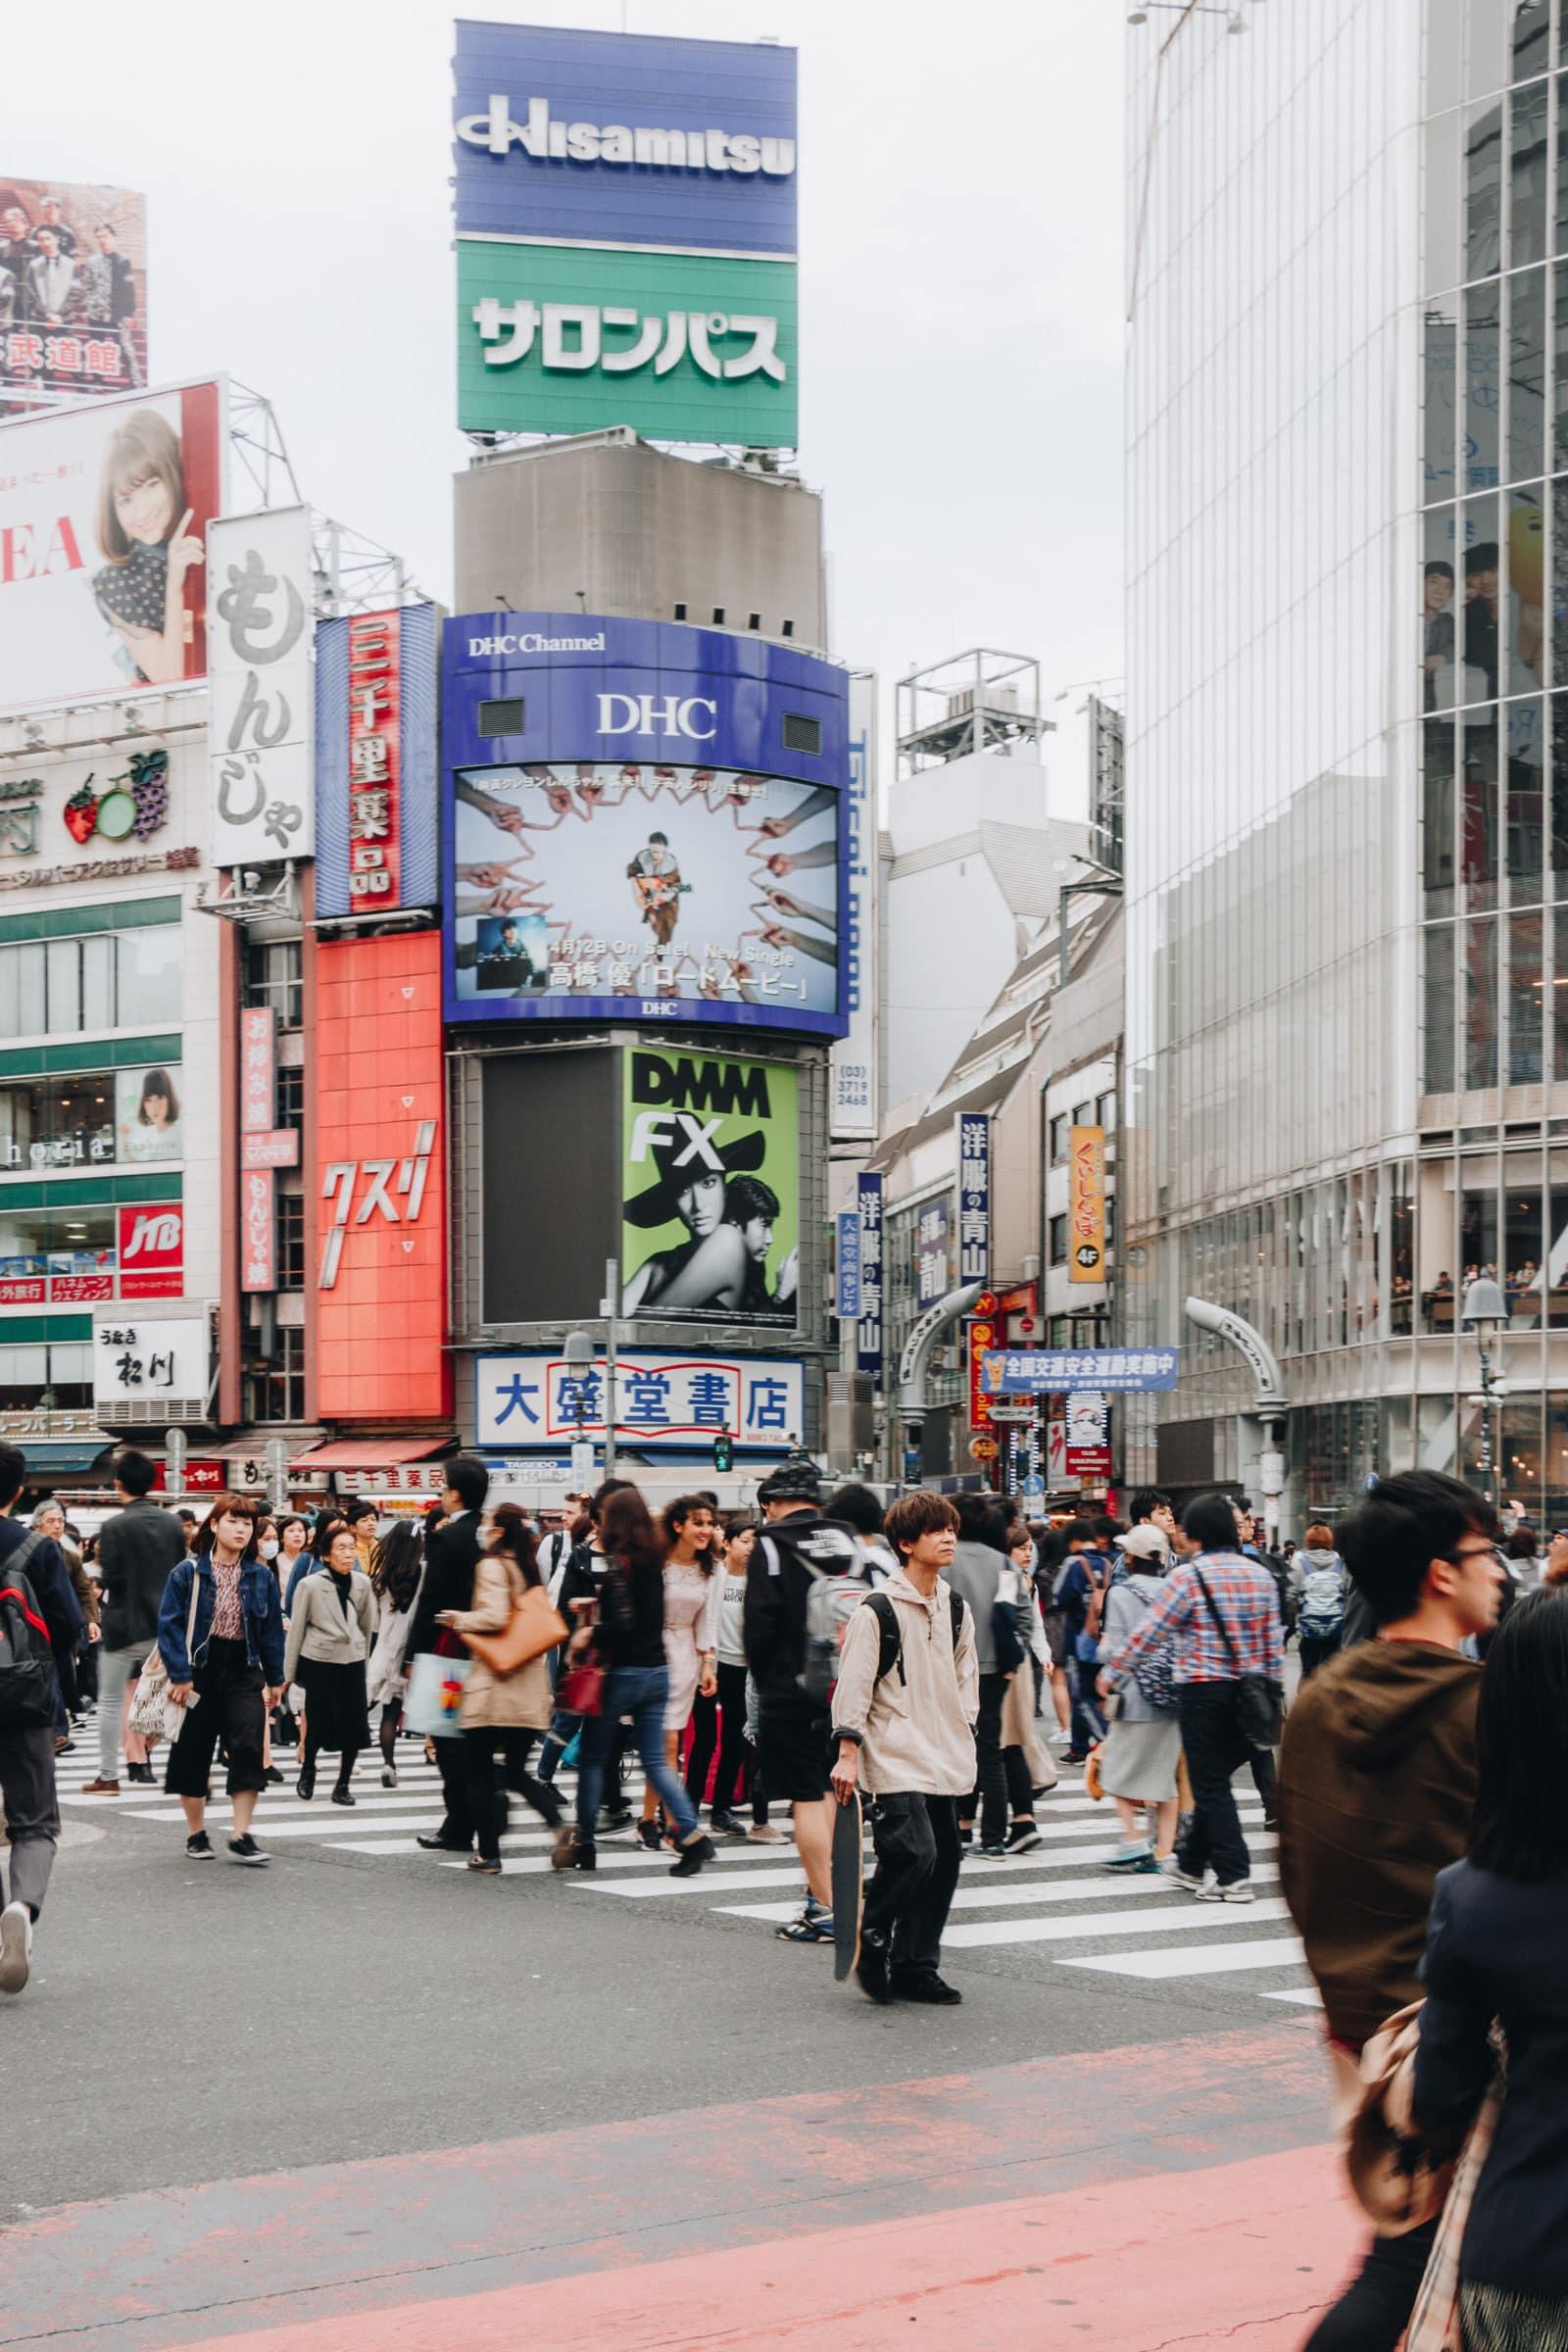 Mann mitten auf Kreuzung in Shibuya Tokio